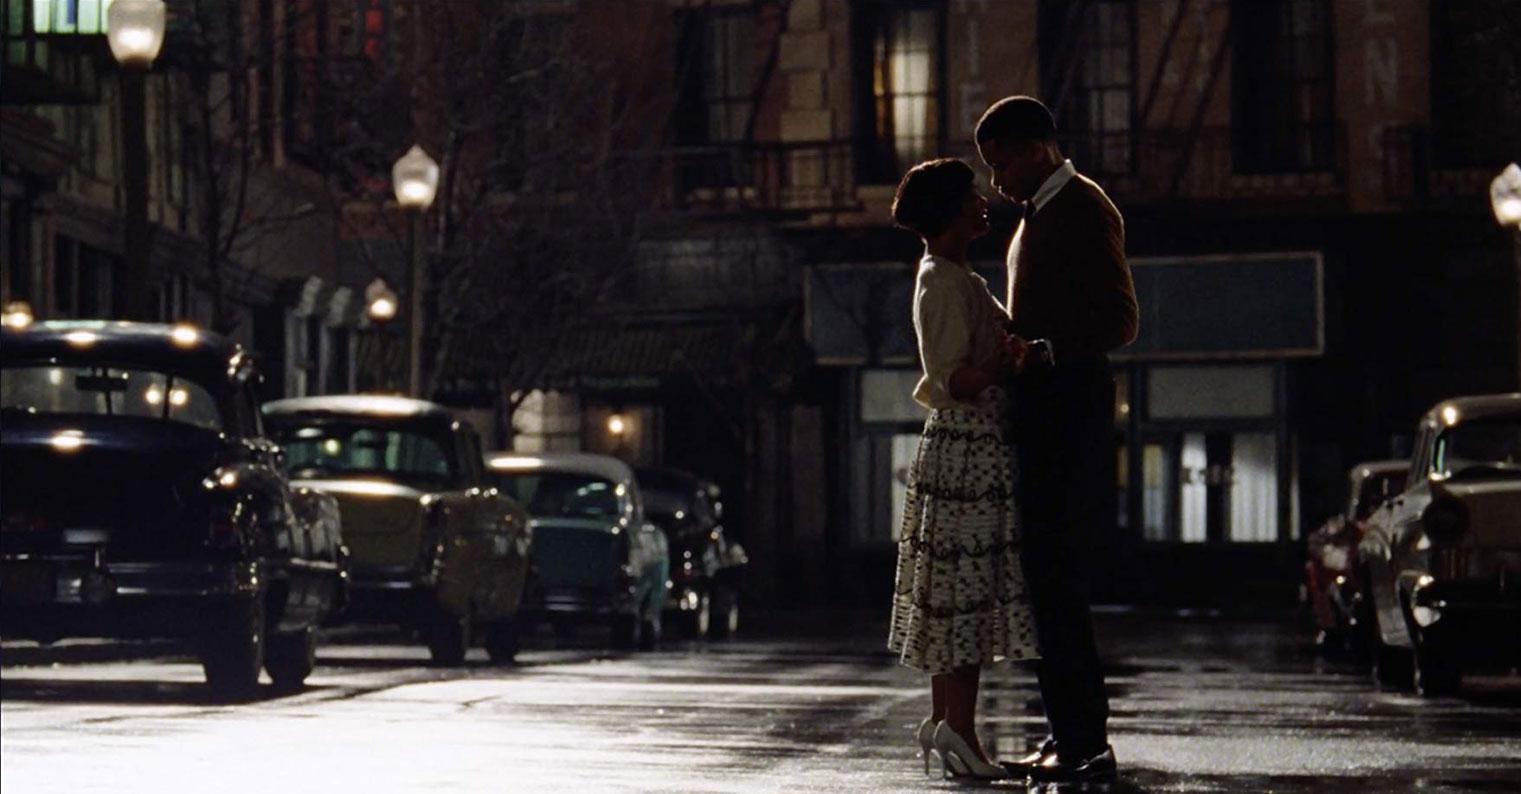 """Film still from """"Sylvie's Love"""" starring Tessa Thompson"""